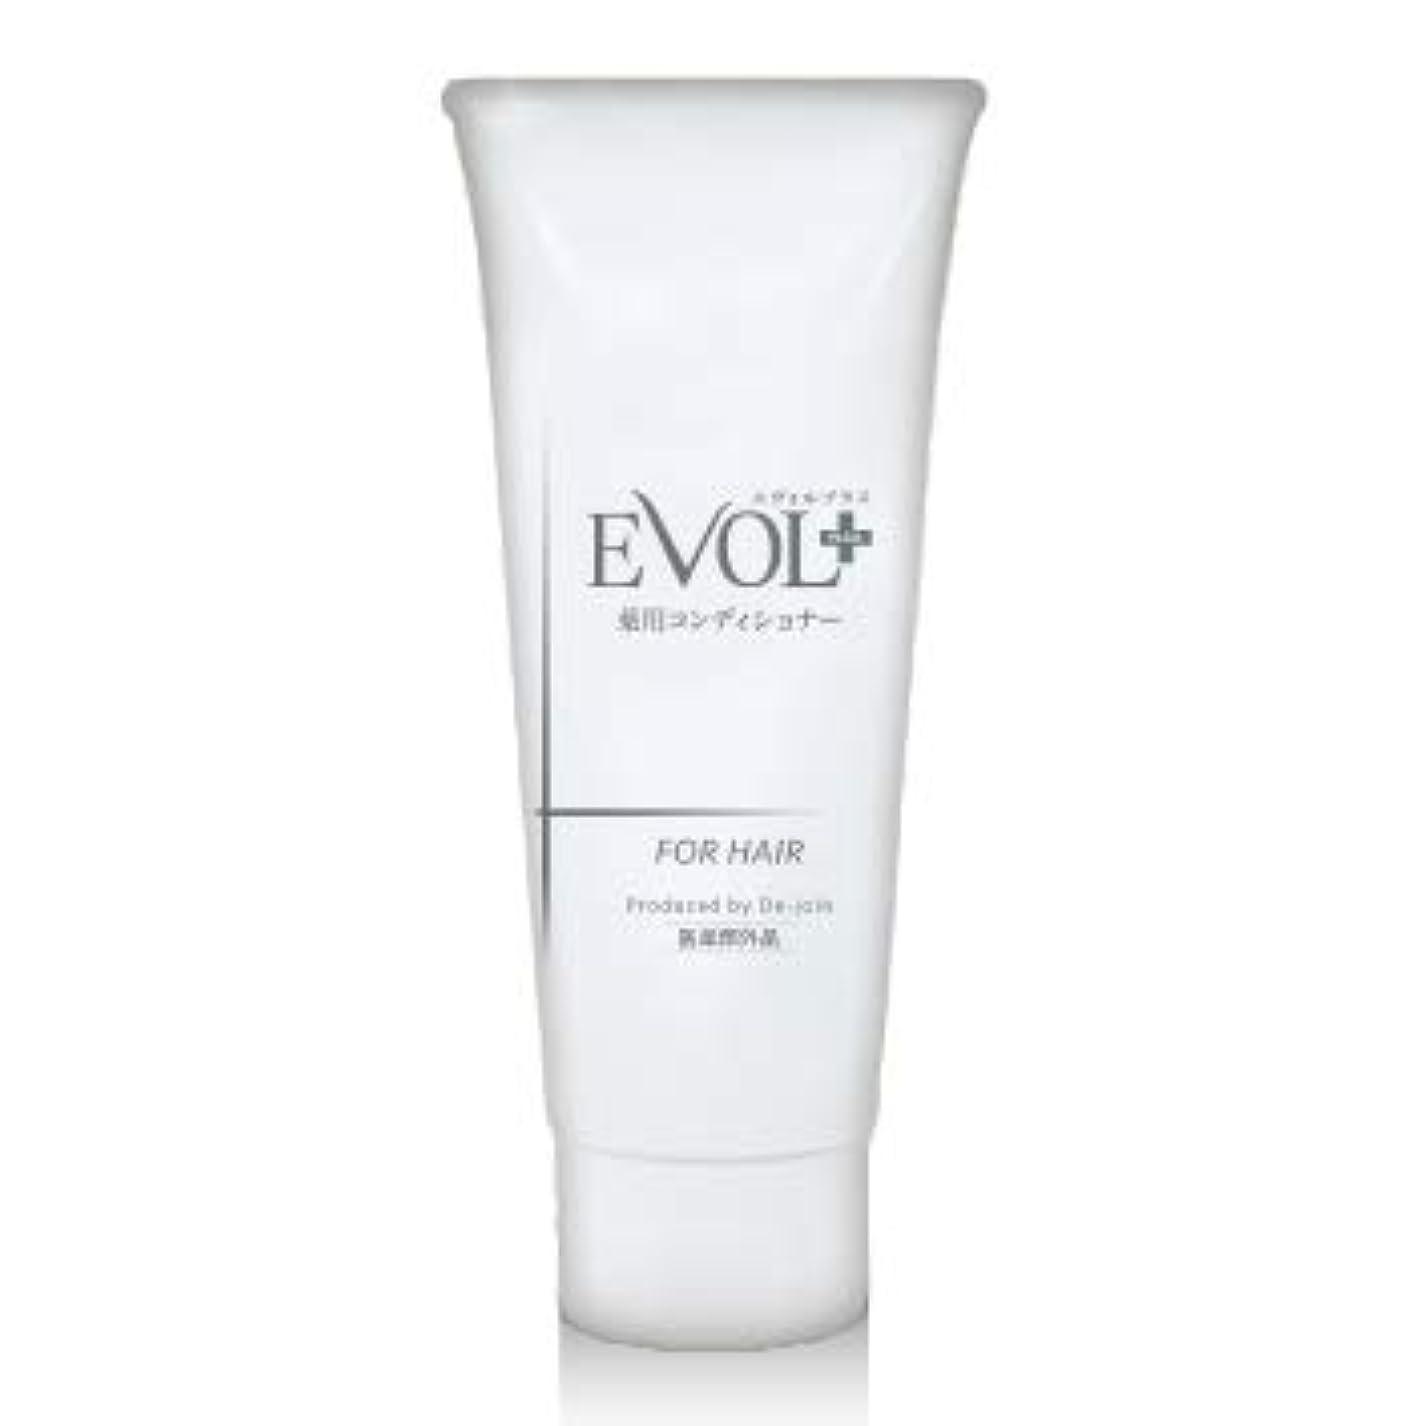 一部配偶者忌避剤EVOL+(エヴォルプラス)薬用育毛コンディショナー お得なコース